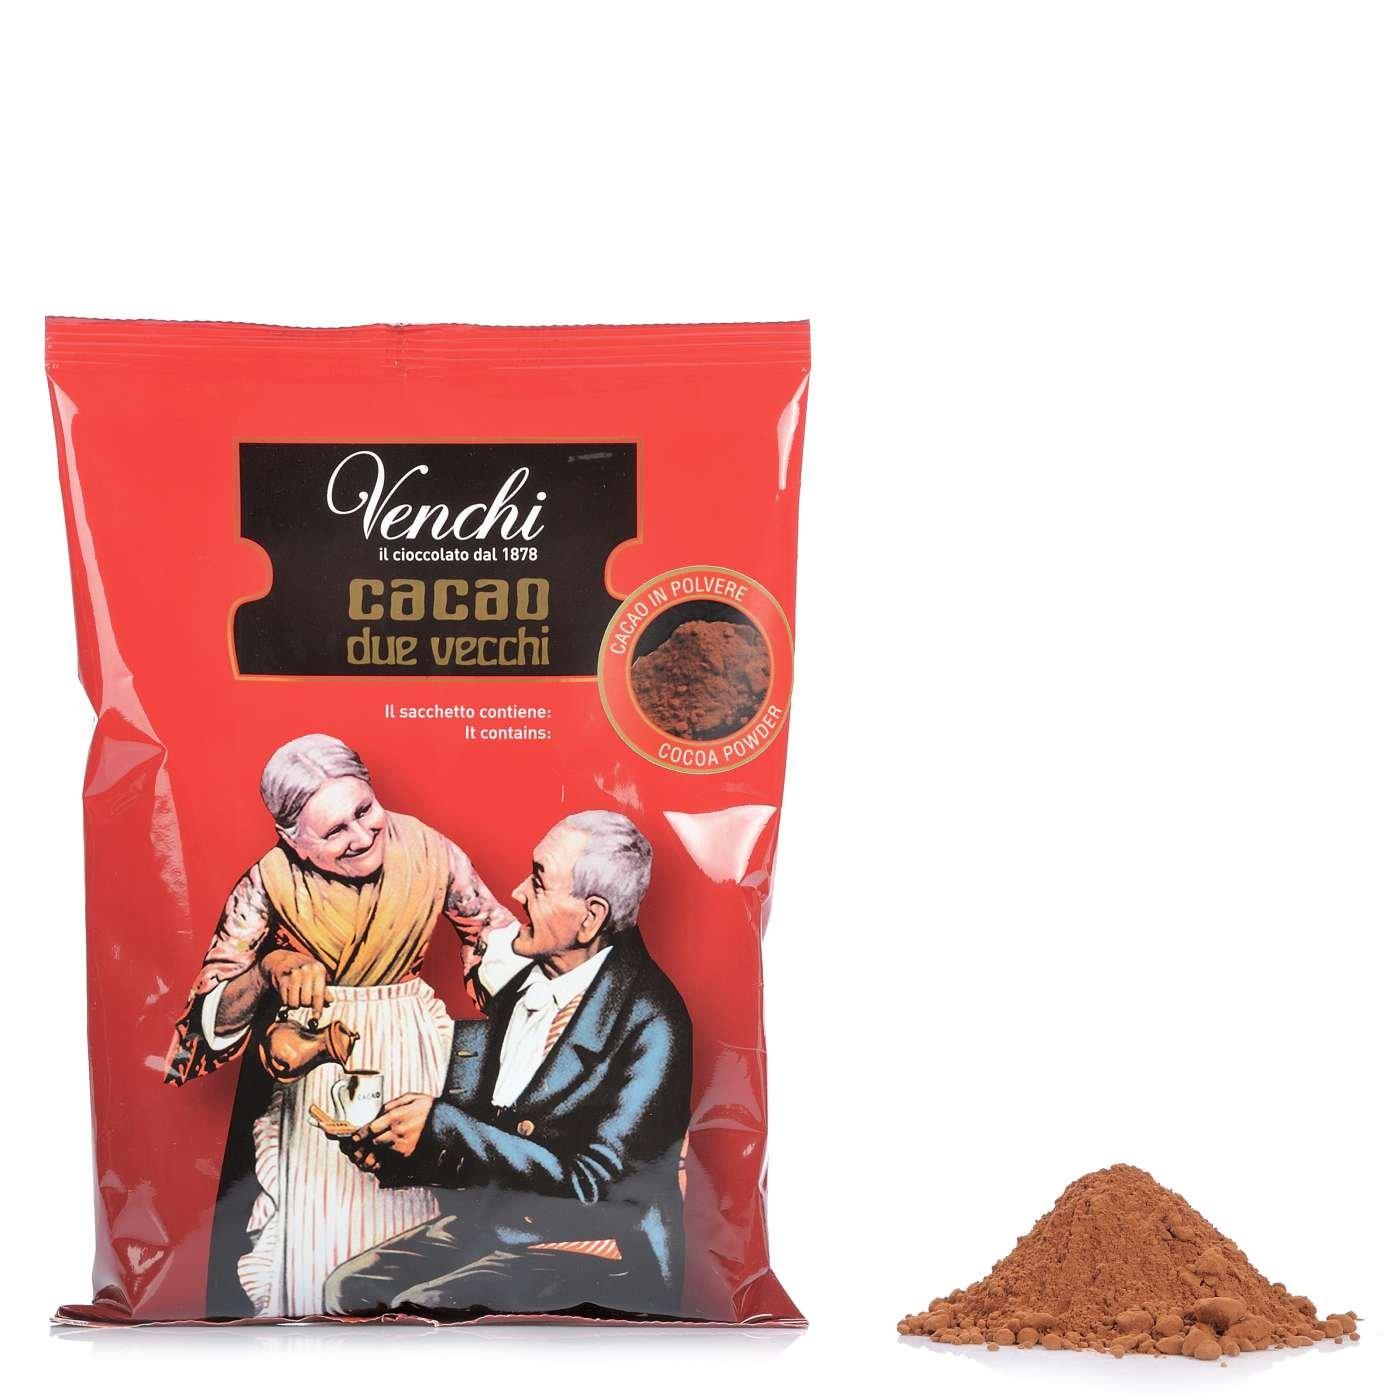 Busta di Cacao 250g - Venchi | Eataly